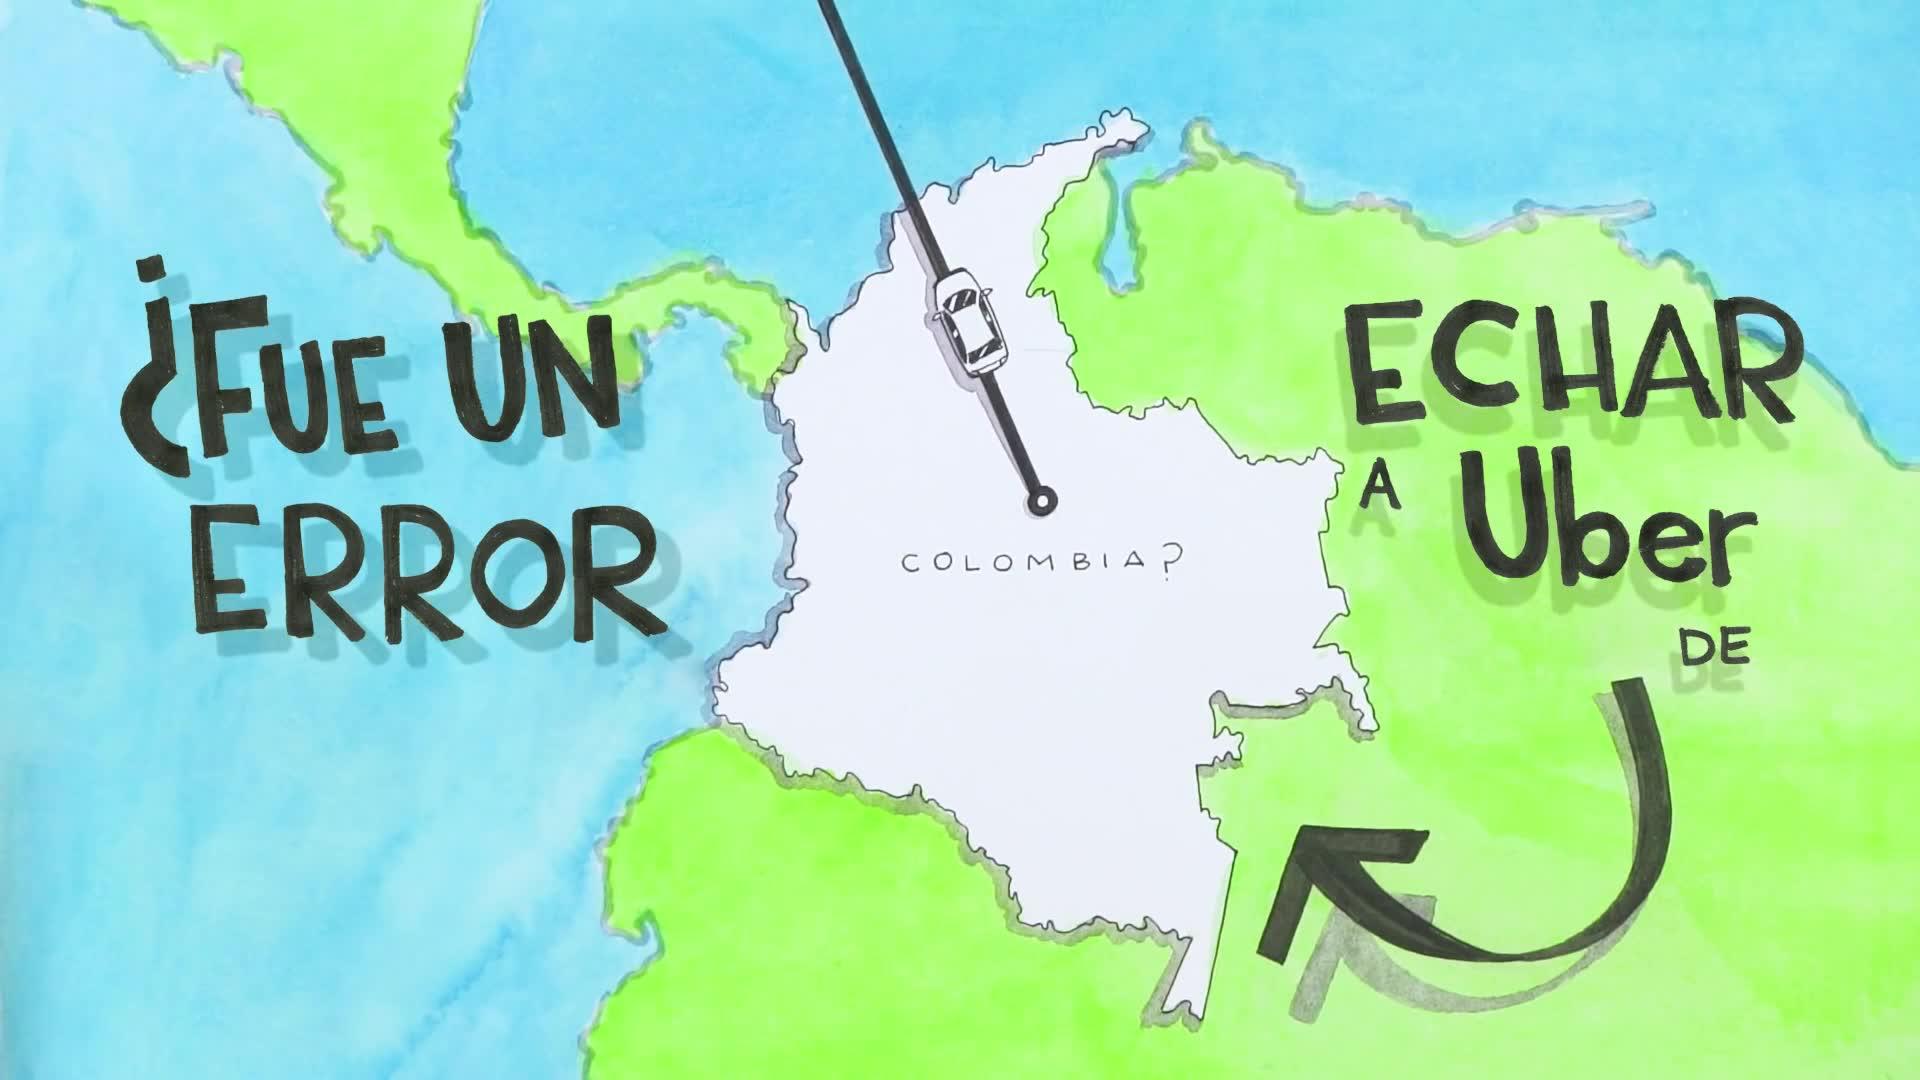 Uber en Colombia screenshot